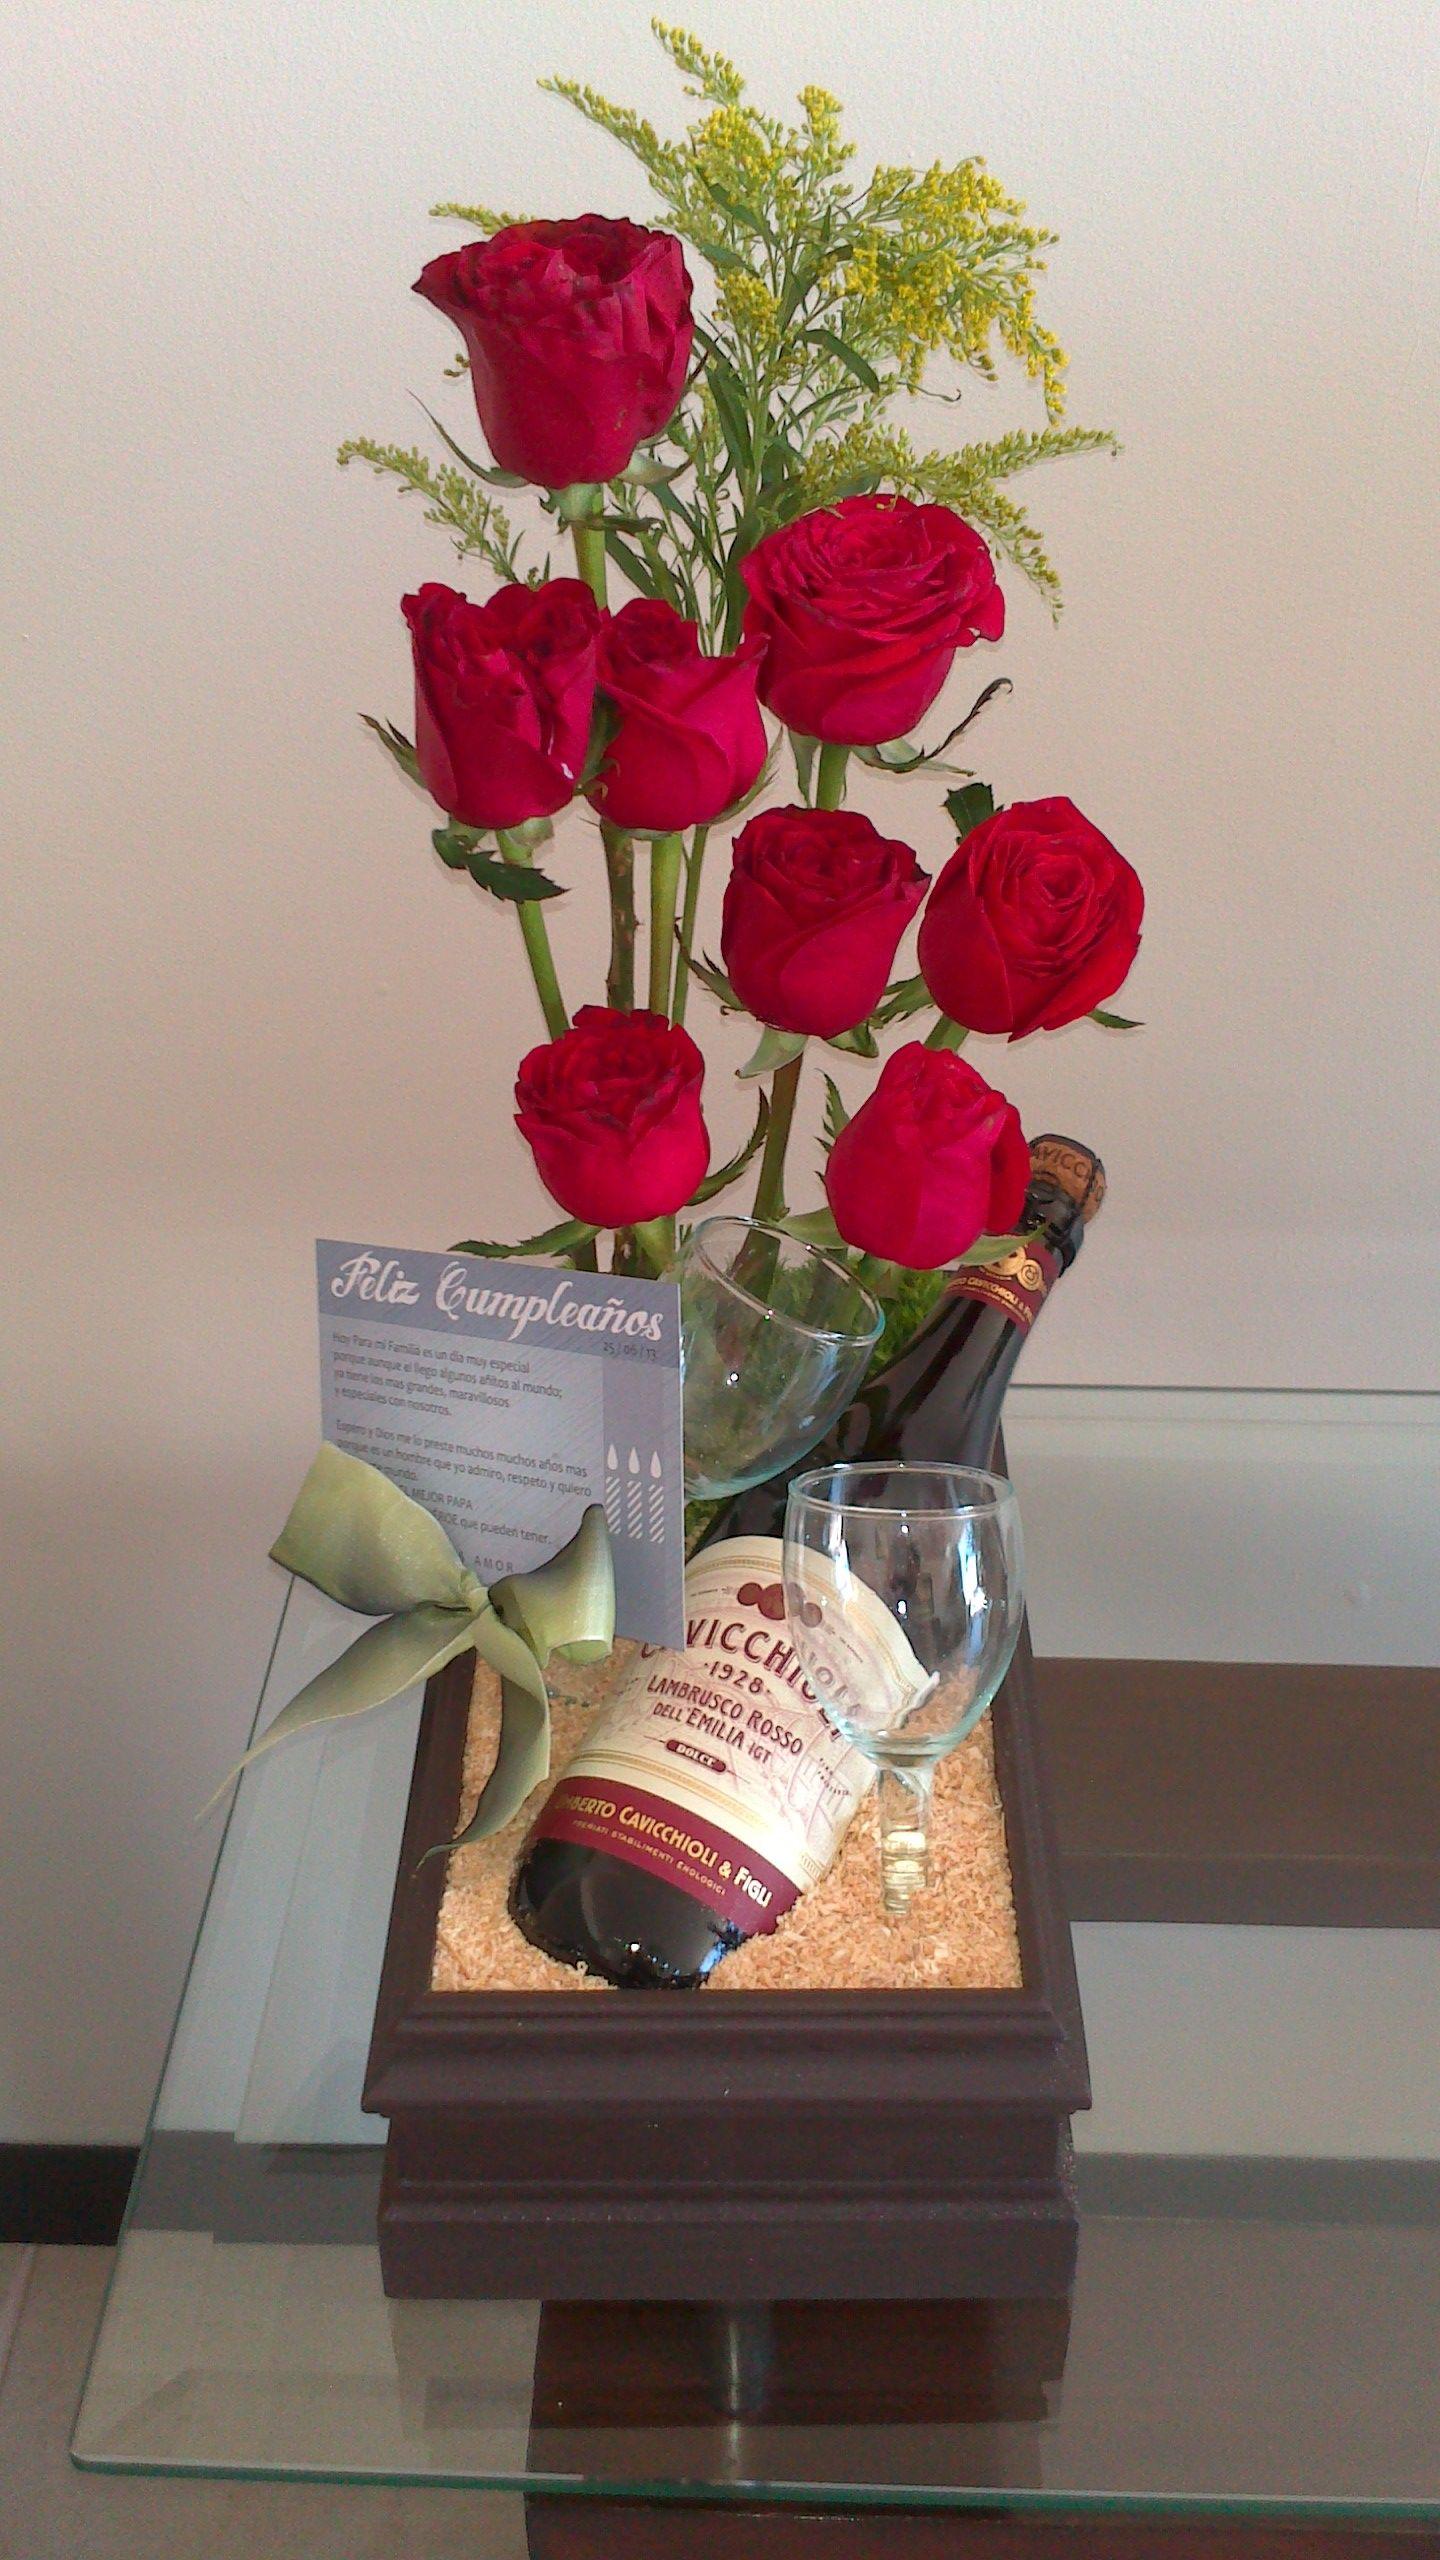 Dise o floral rosas rojas botella y copas arreglos de - Centros florales navidenos ...